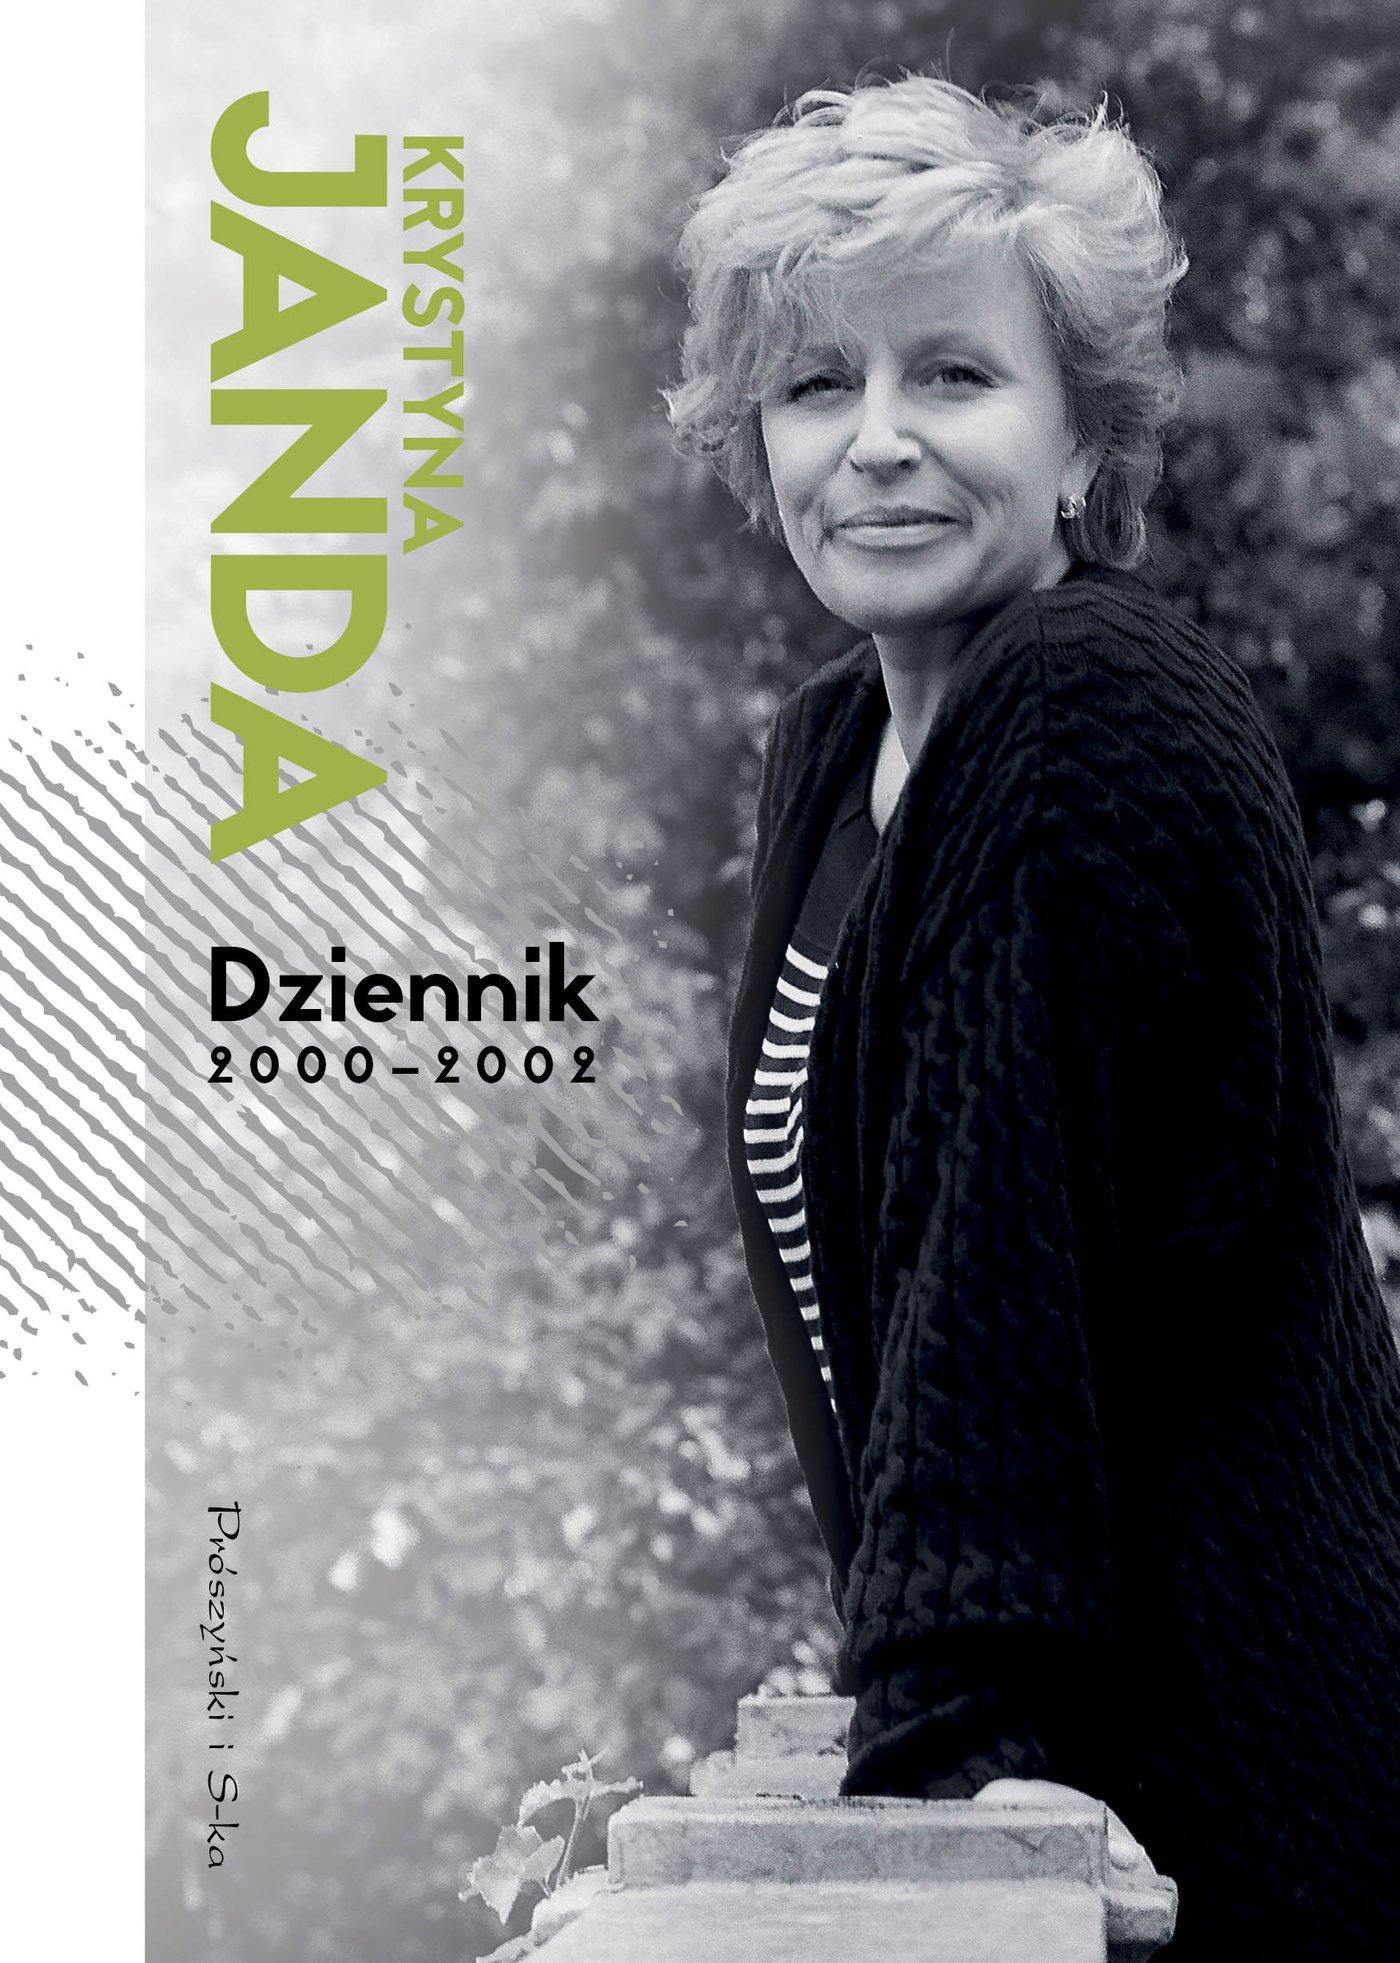 Dziennik 2000-2002 - Ebook (Książka EPUB) do pobrania w formacie EPUB